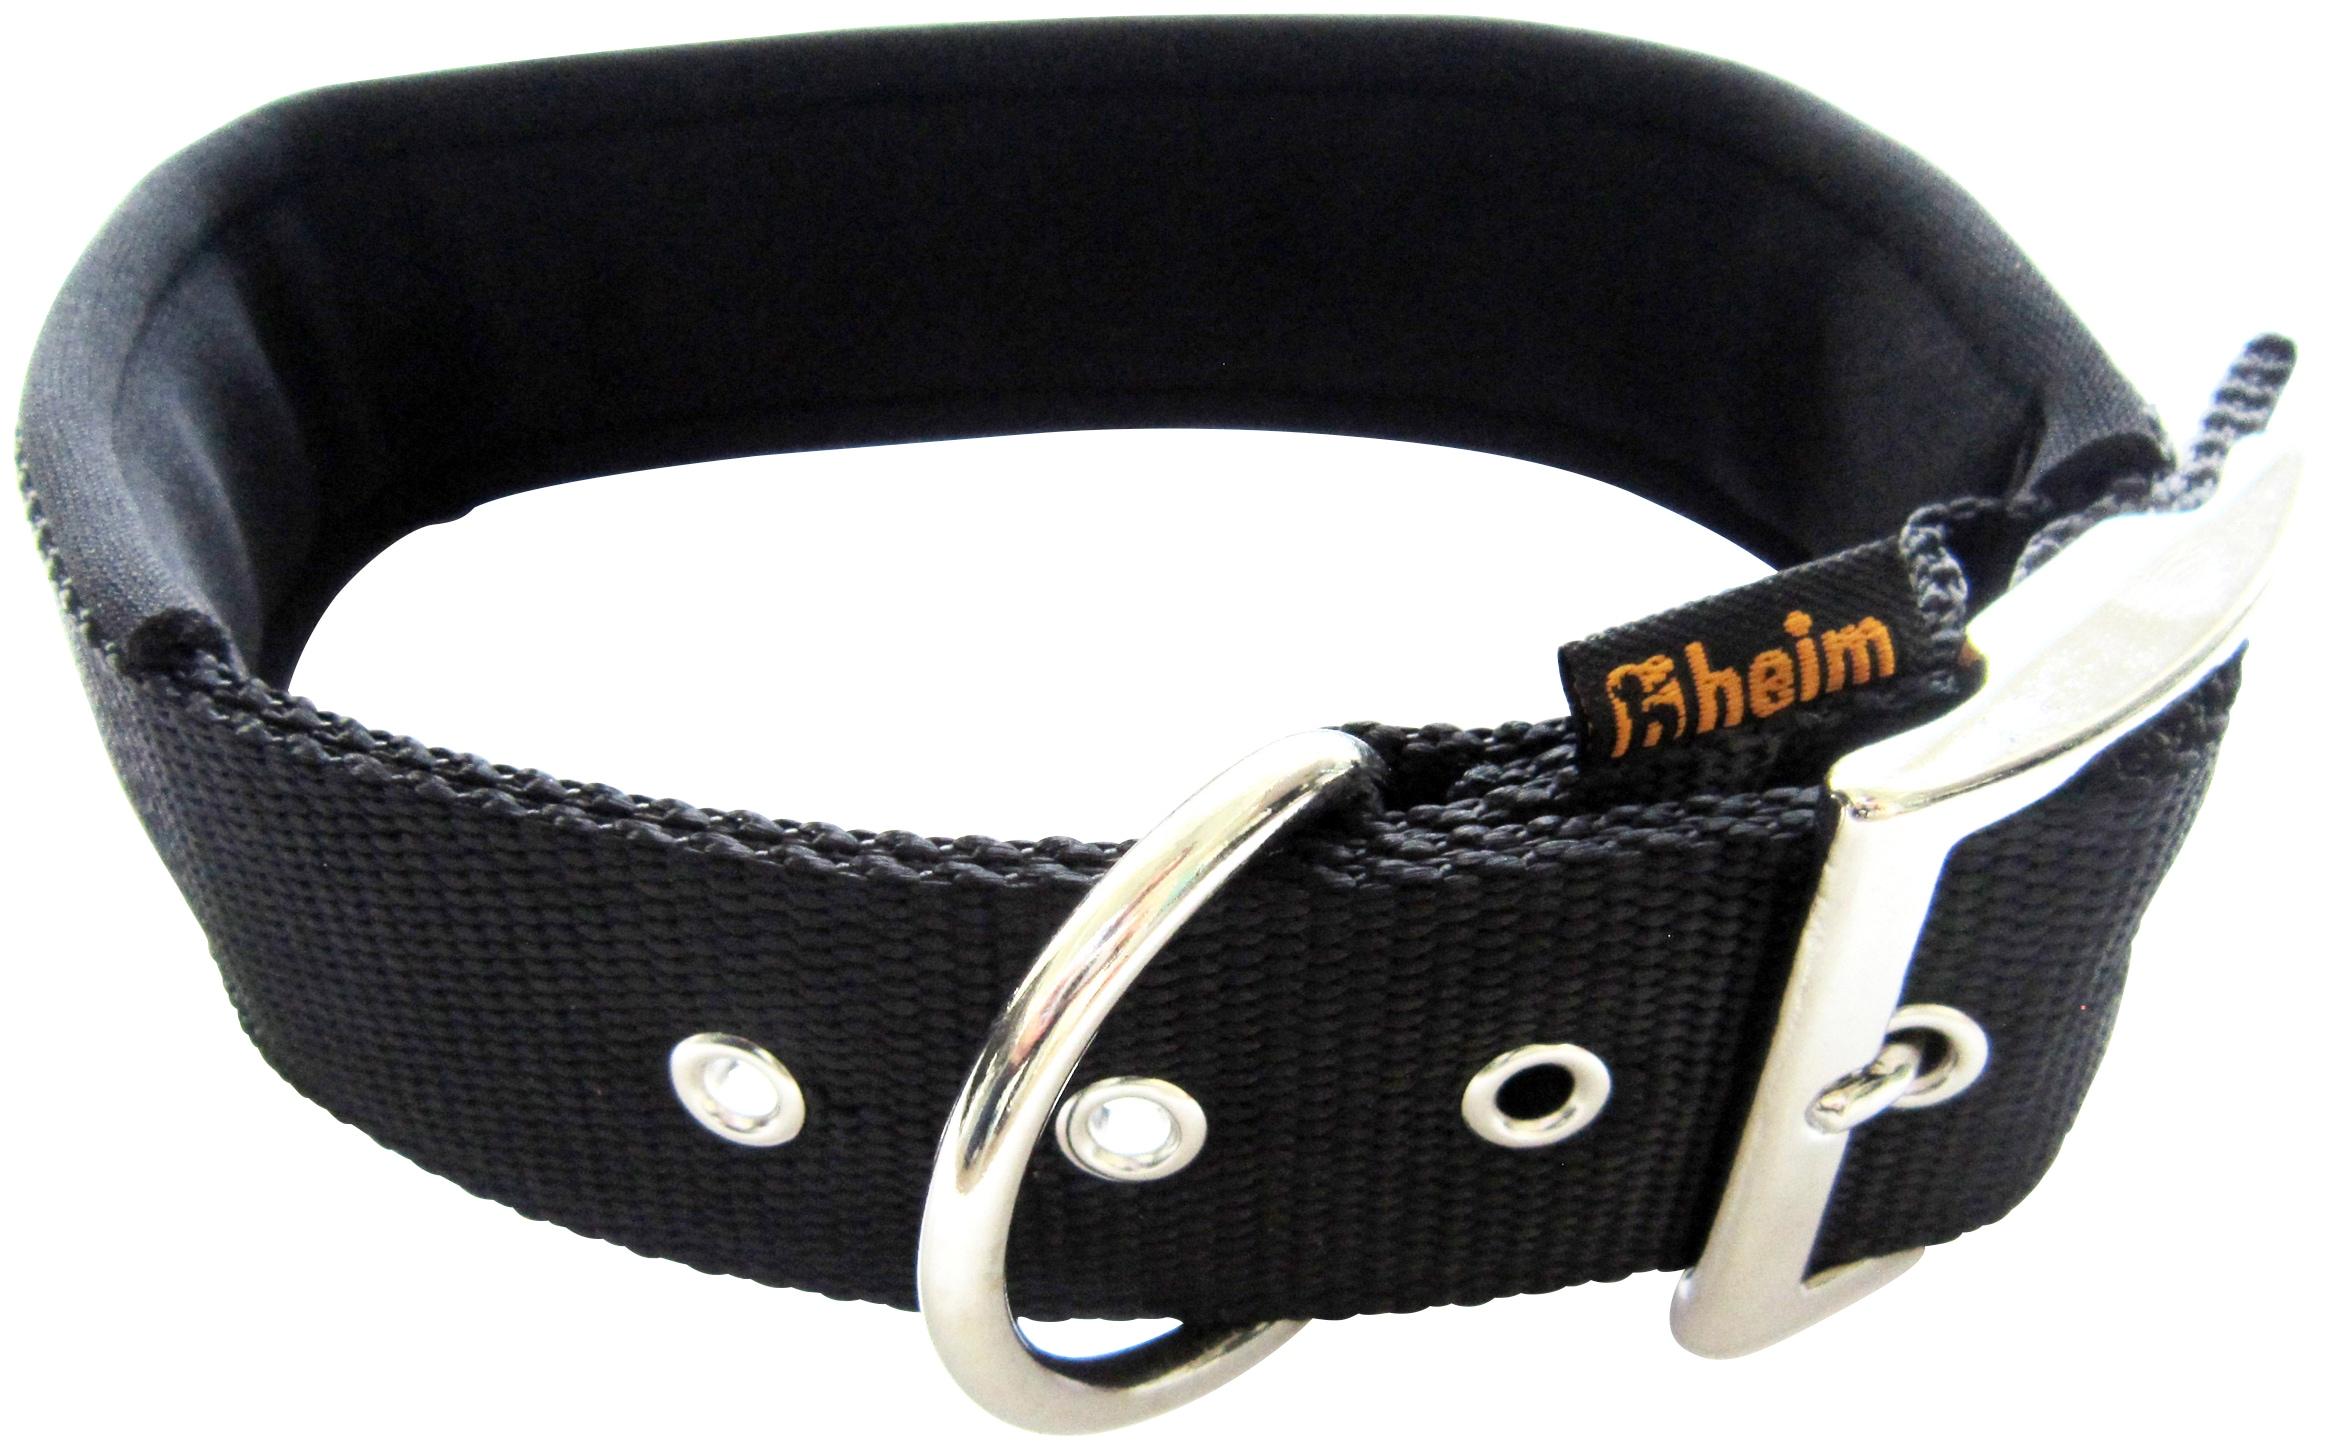 HEIM Hunde-Halsband, Nylon, mit Neopren-Futter schwarz Hunde-Halsband Hundehalsbänder Hund Tierbedarf